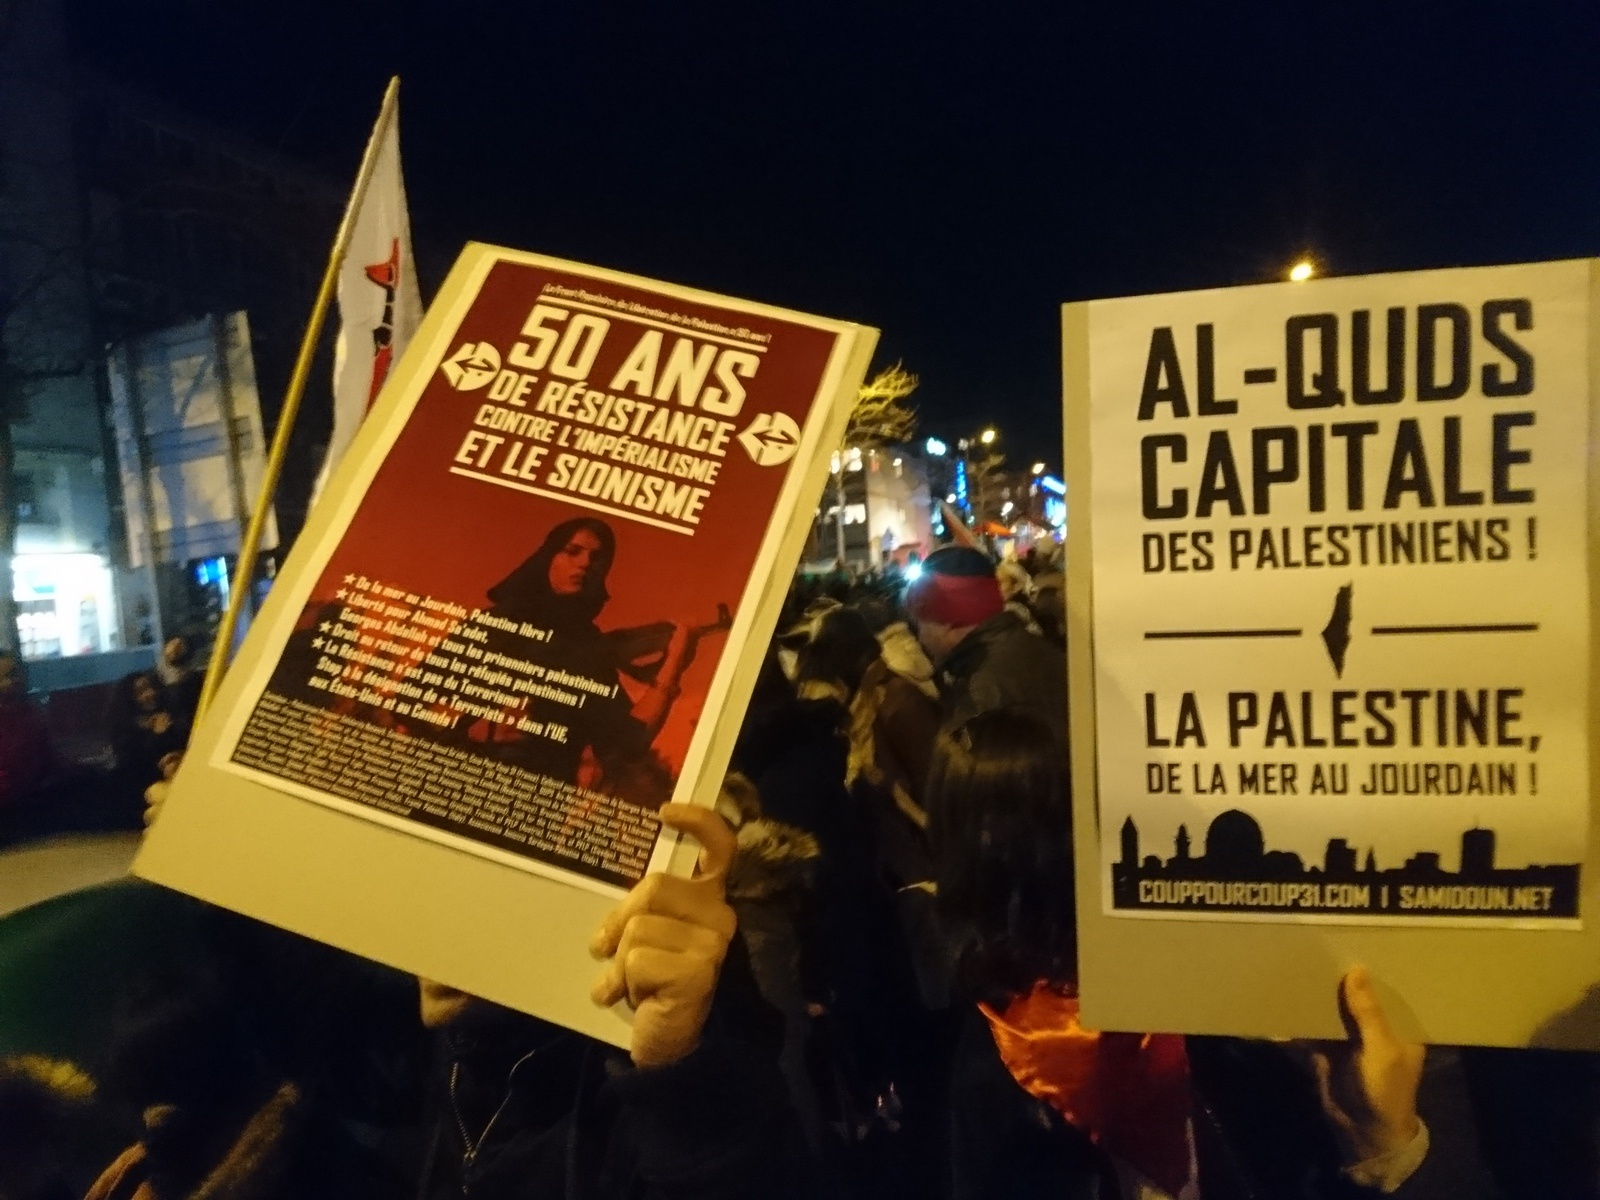 Coup Pour Coup 31 manifestait son soutien au FPLP et à la solution d'une Palestine libre de la mer au Jourdain.